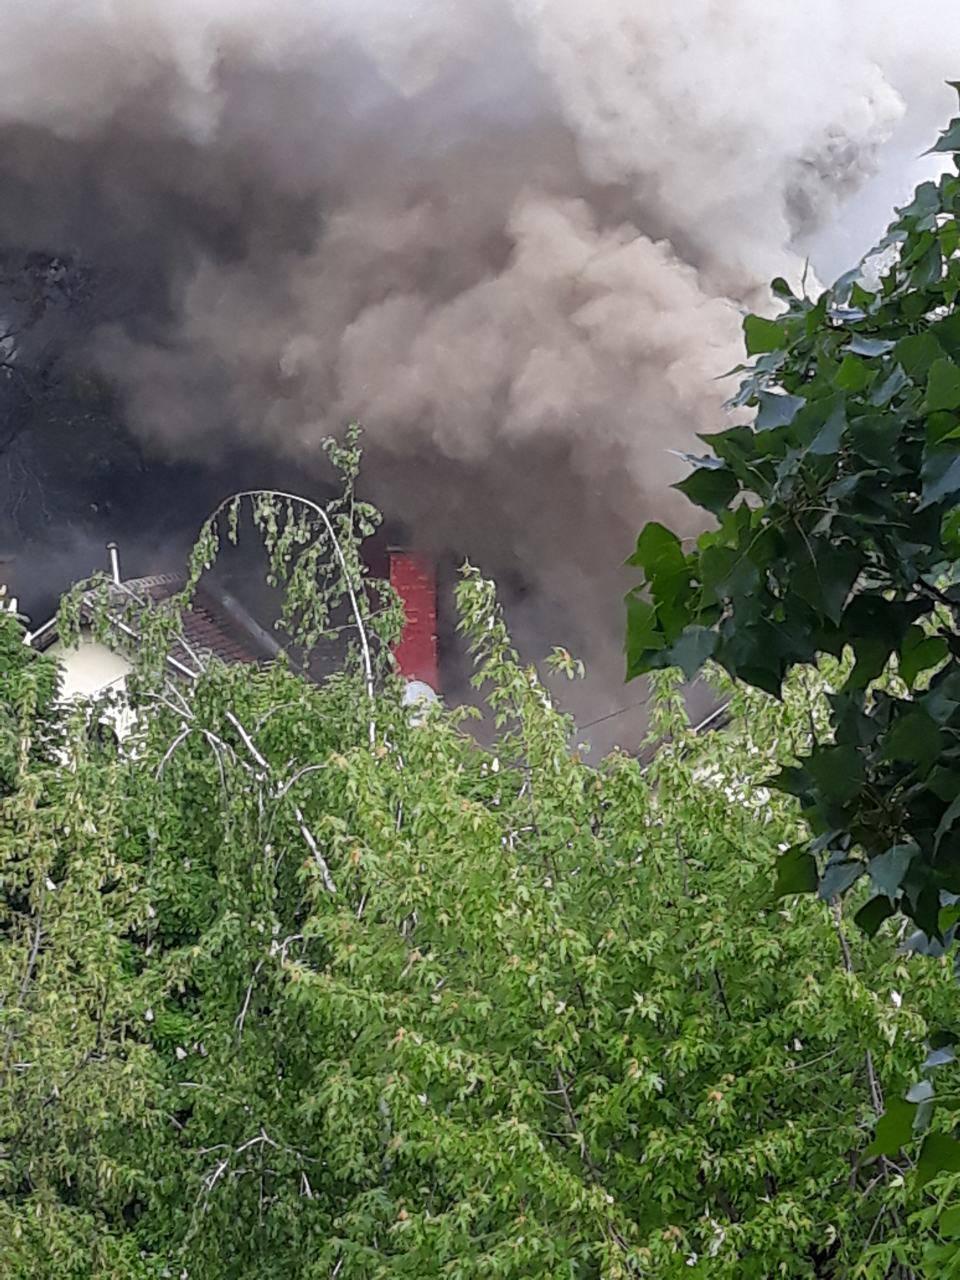 S dimnjaka se proširilo na cijeli krov: Gorjela pivnica u Zagrebu